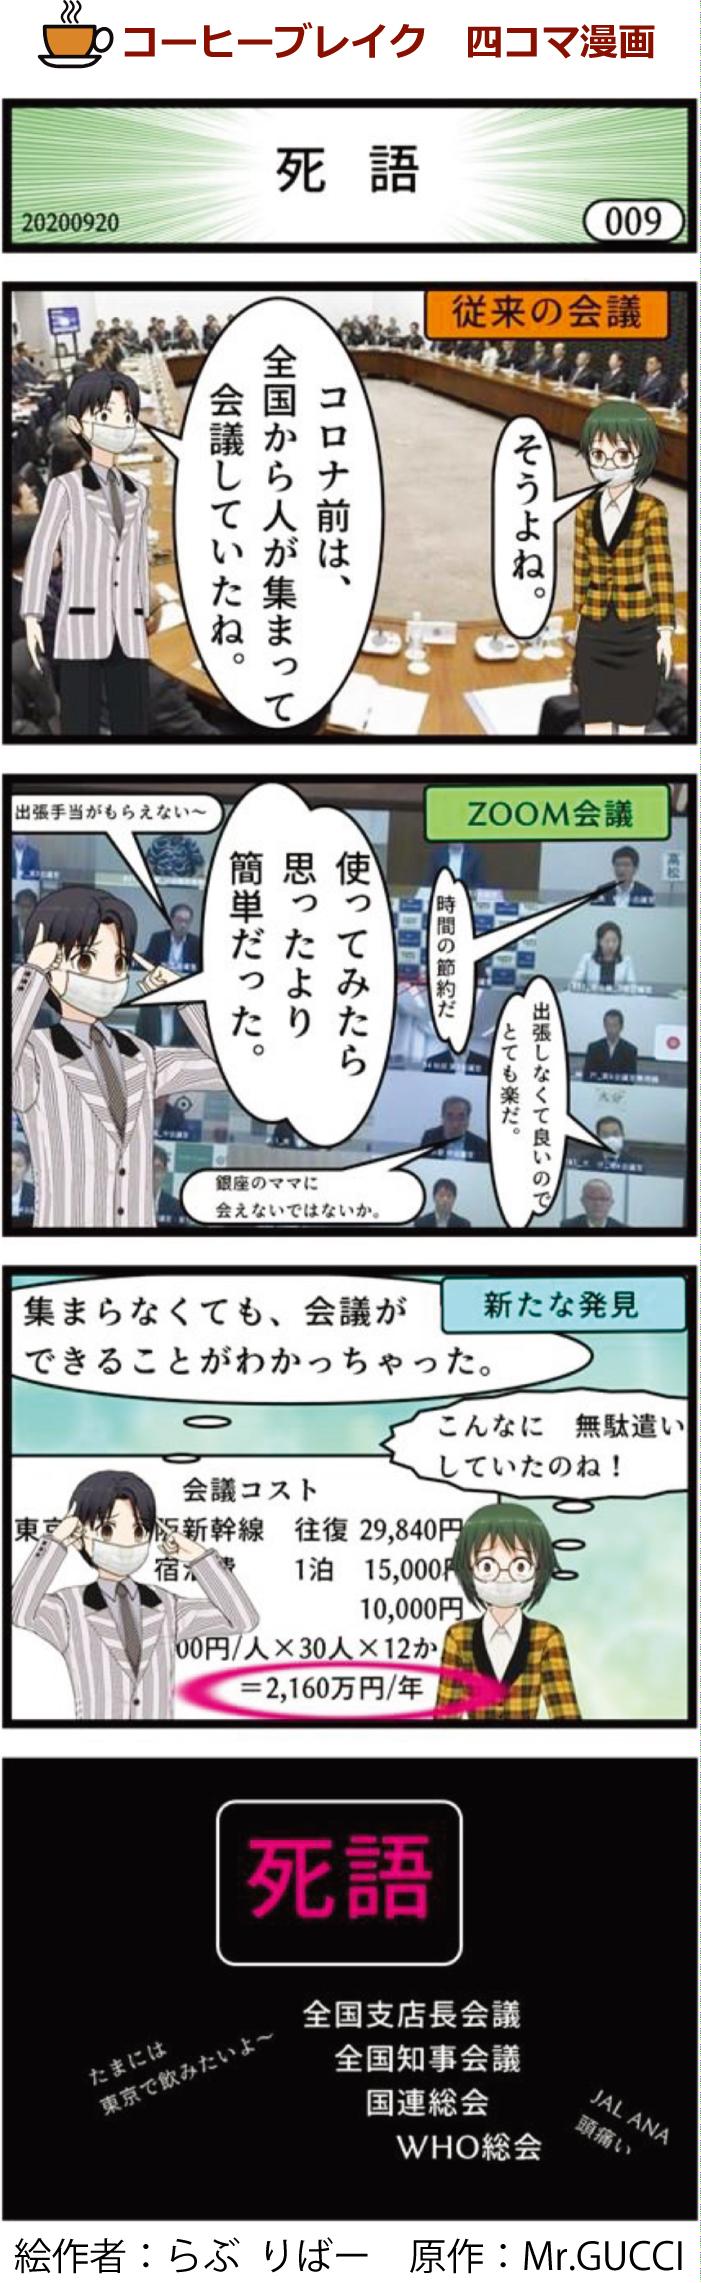 コーヒーブレイク 四コマ漫画